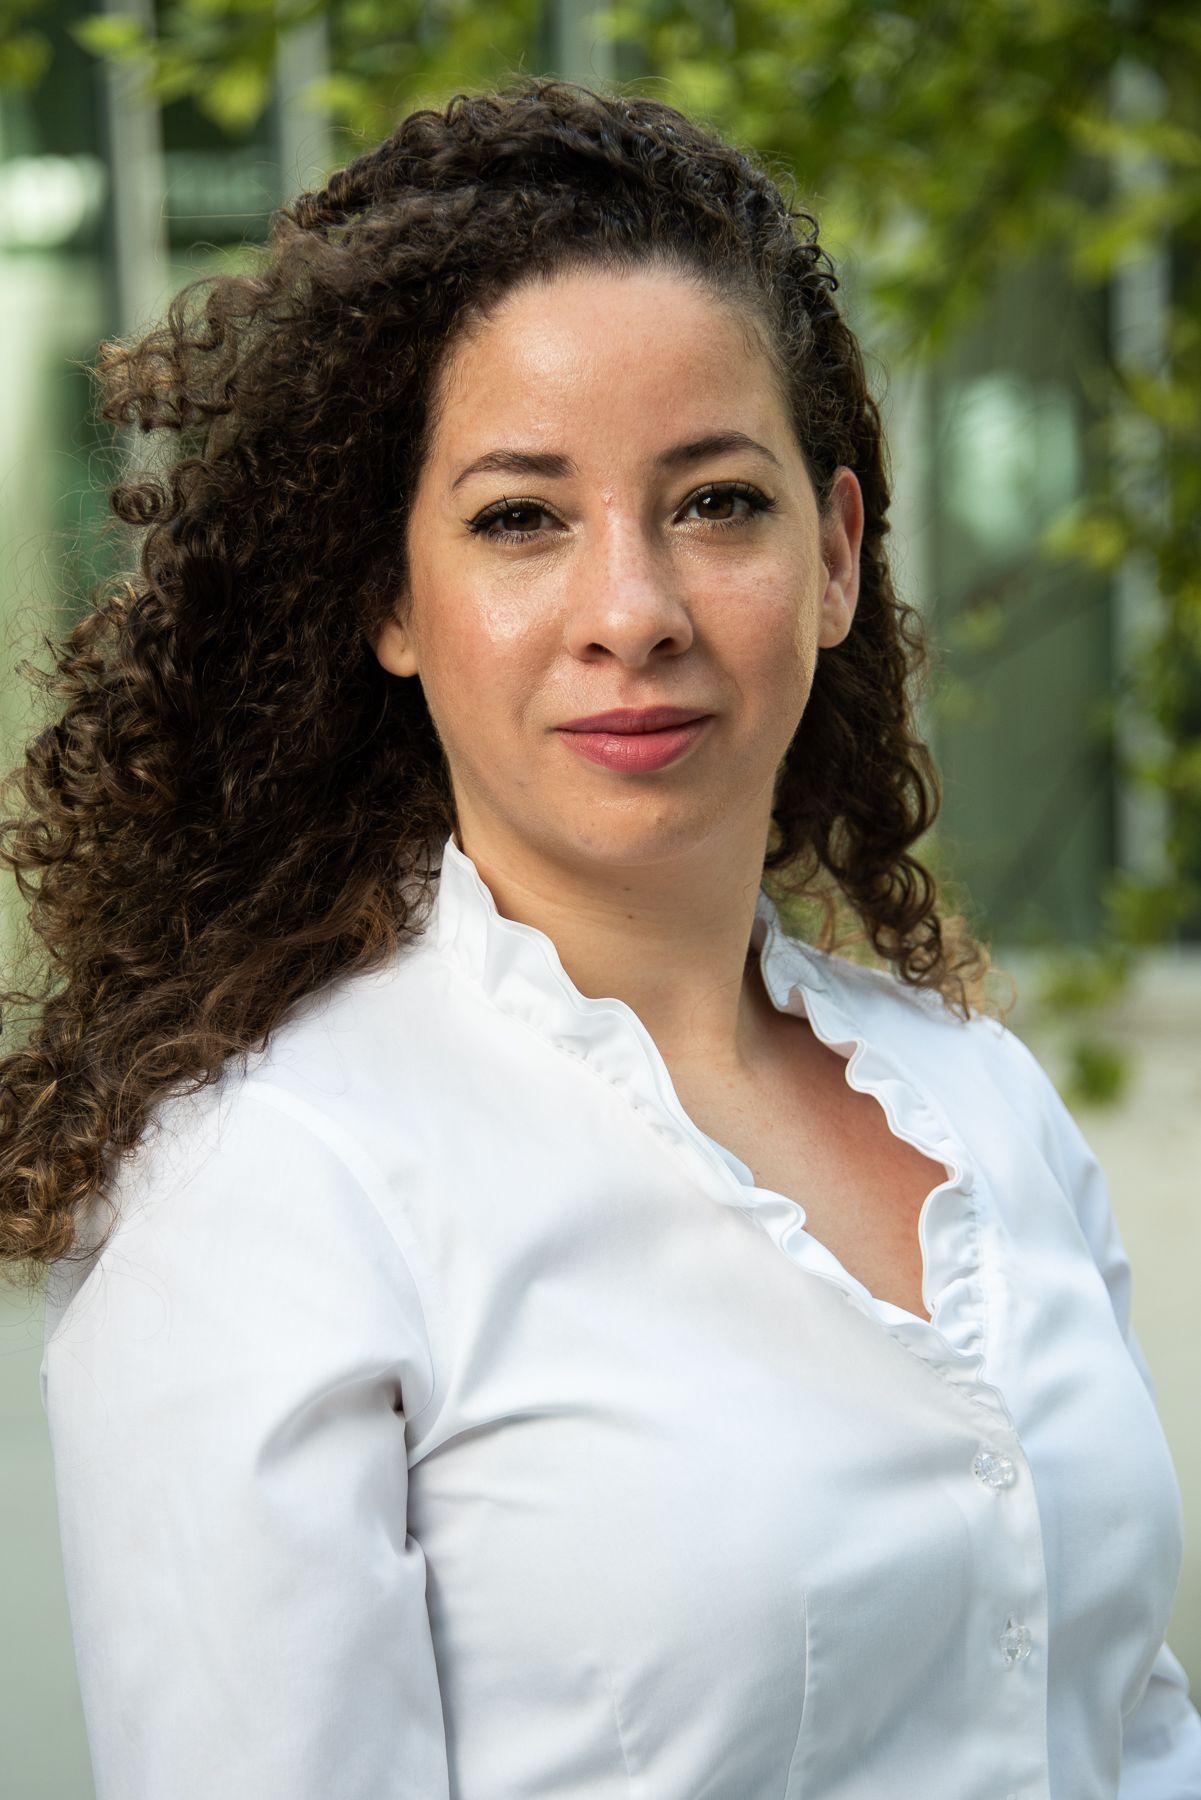 Lisandra Jorge